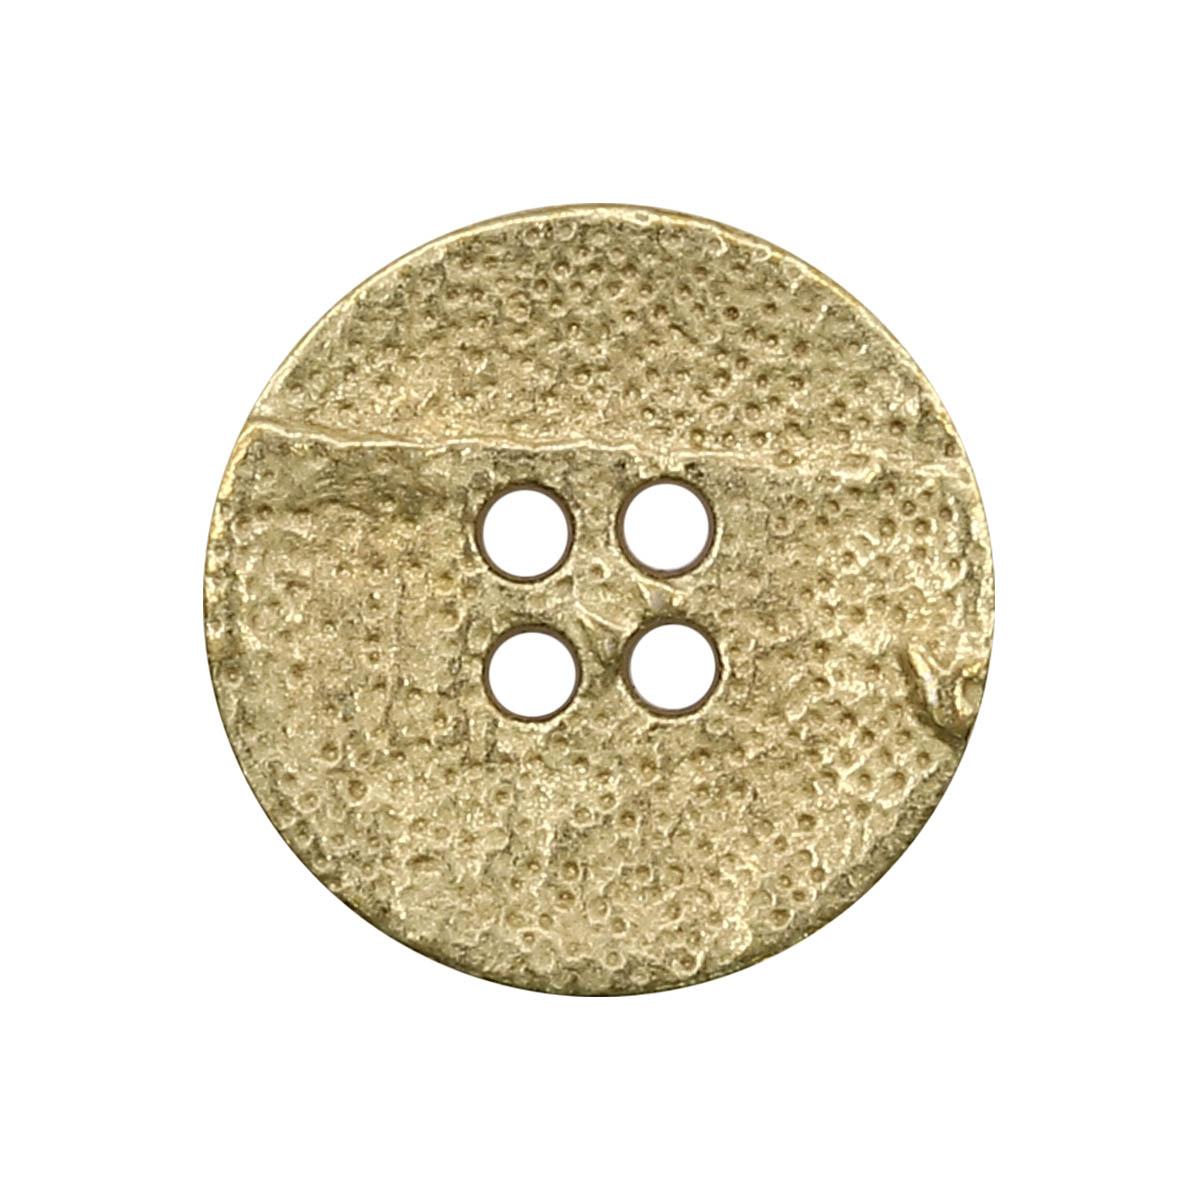 63377/4 Пуговица 4 прокола д-20мм мат.золот. мет ГР